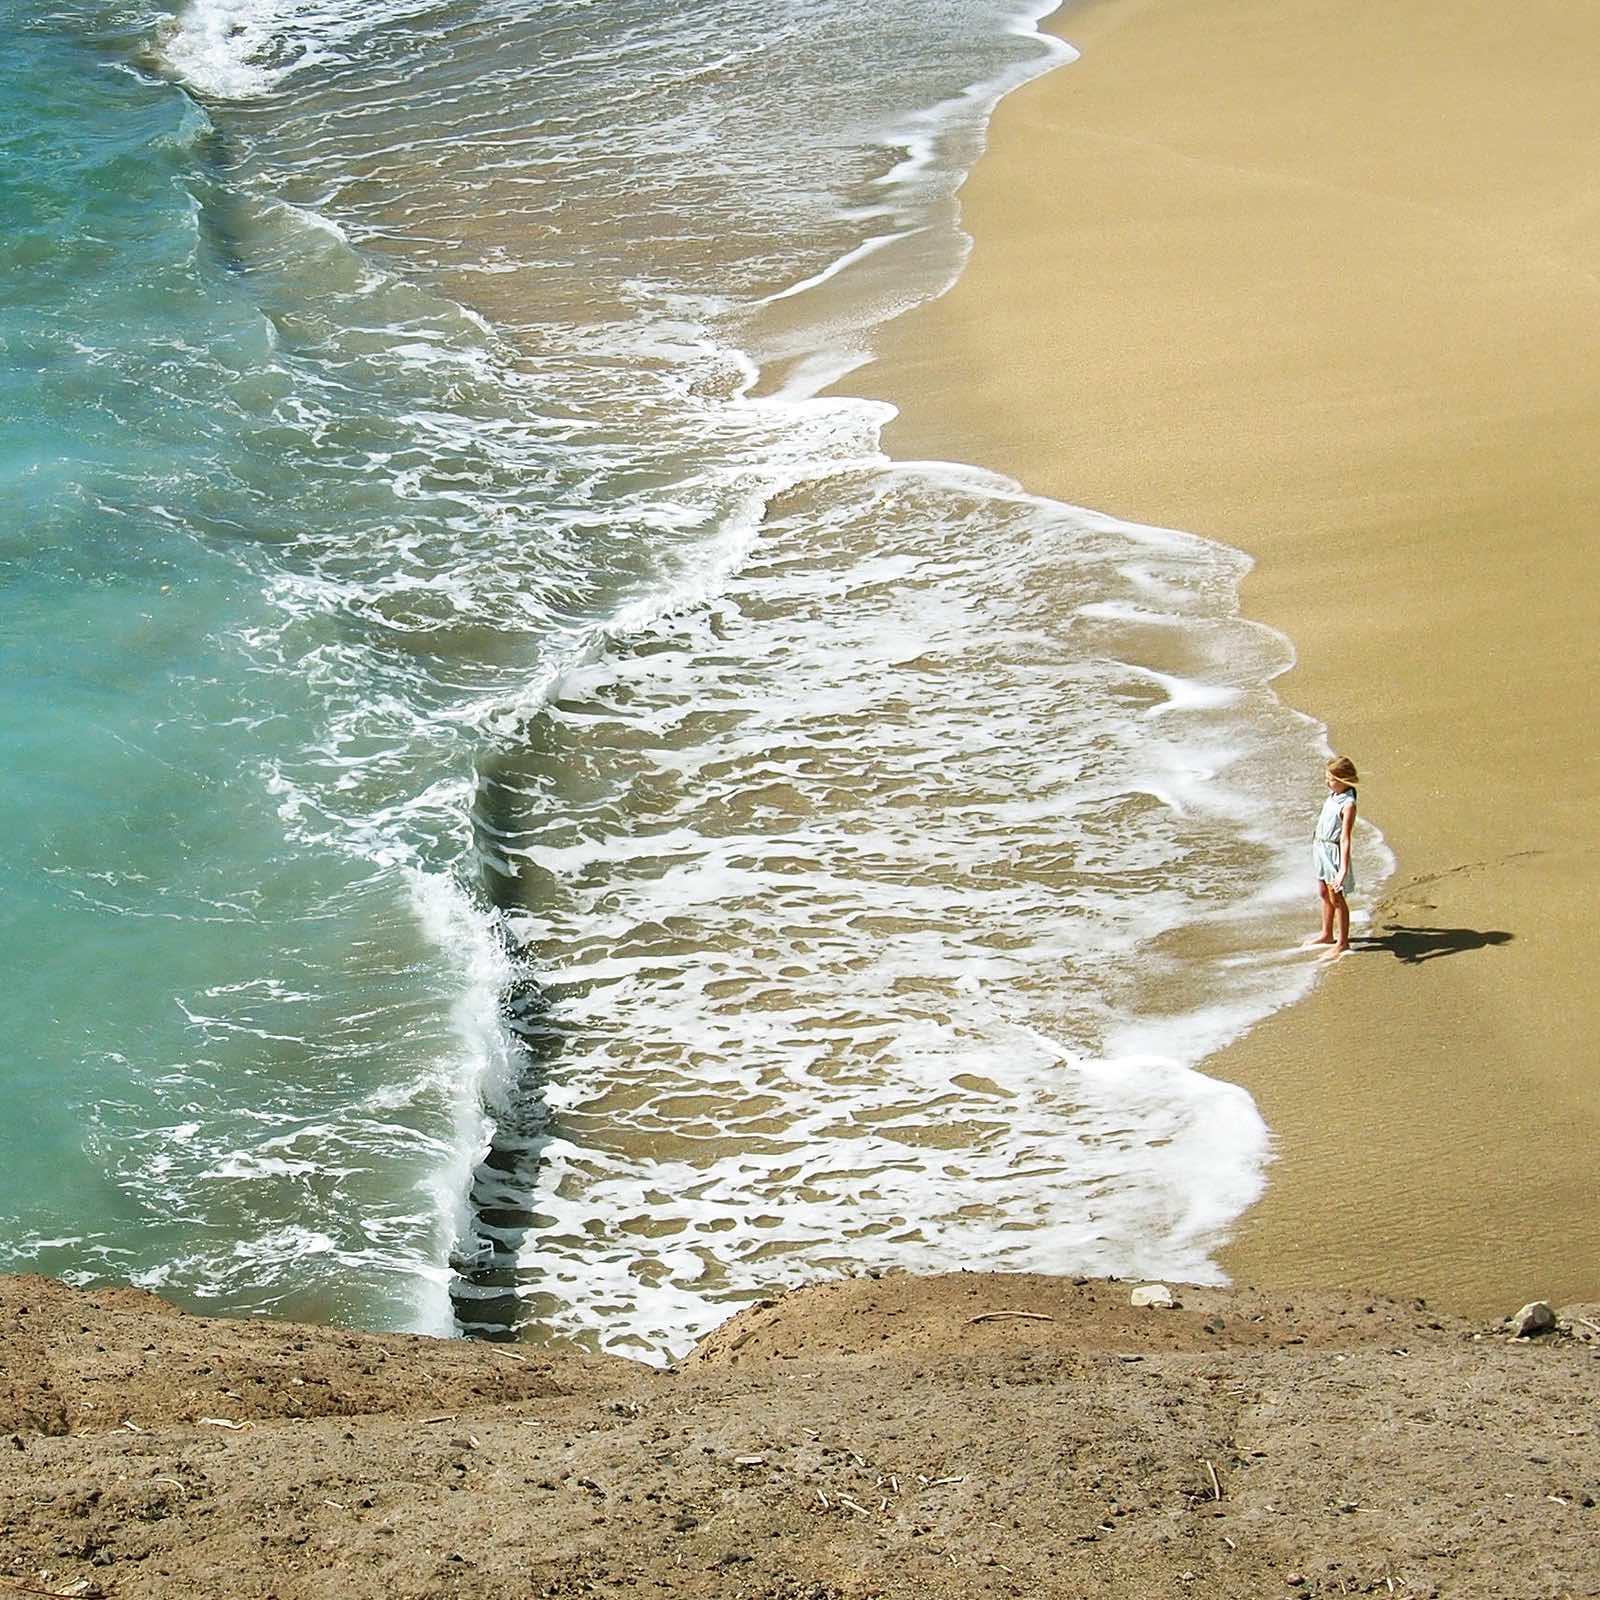 Teneriffa bietet Badeurlaubern tolle weiße Sandstrände und herrliche schwarze Strände mit Lavagestein. Zum Baden eigenen sich insbesondere Sandstrände, die vorgelagert große Wellenbrecher haben.